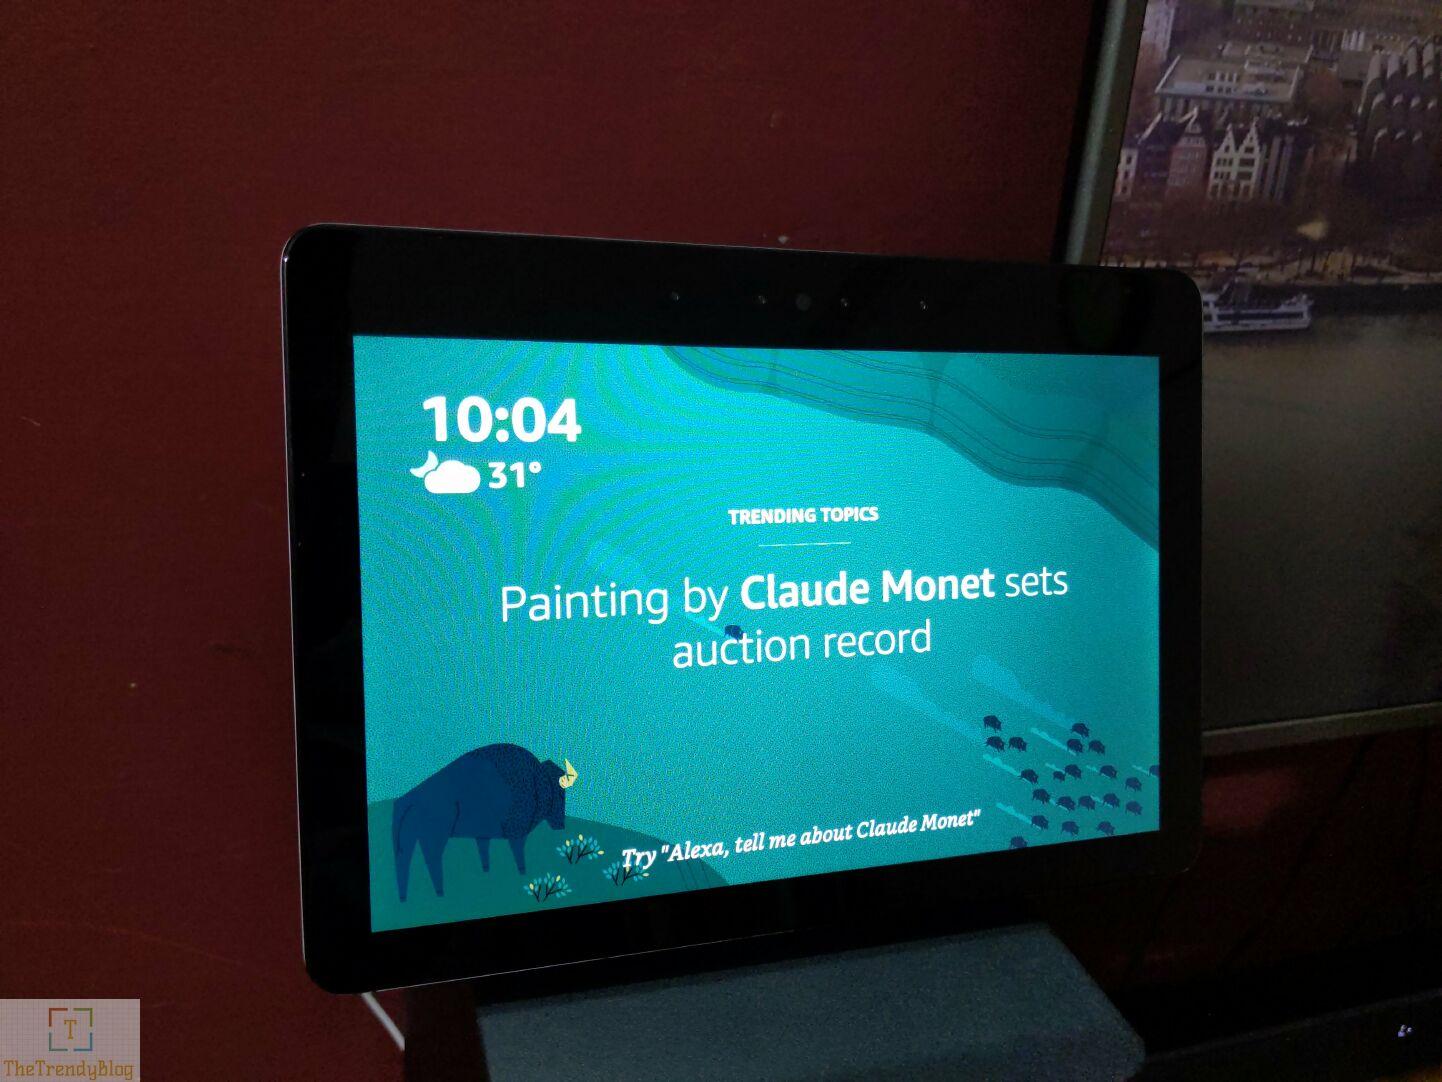 Amazon Echo show 2nd Gen - Touchscreen Display